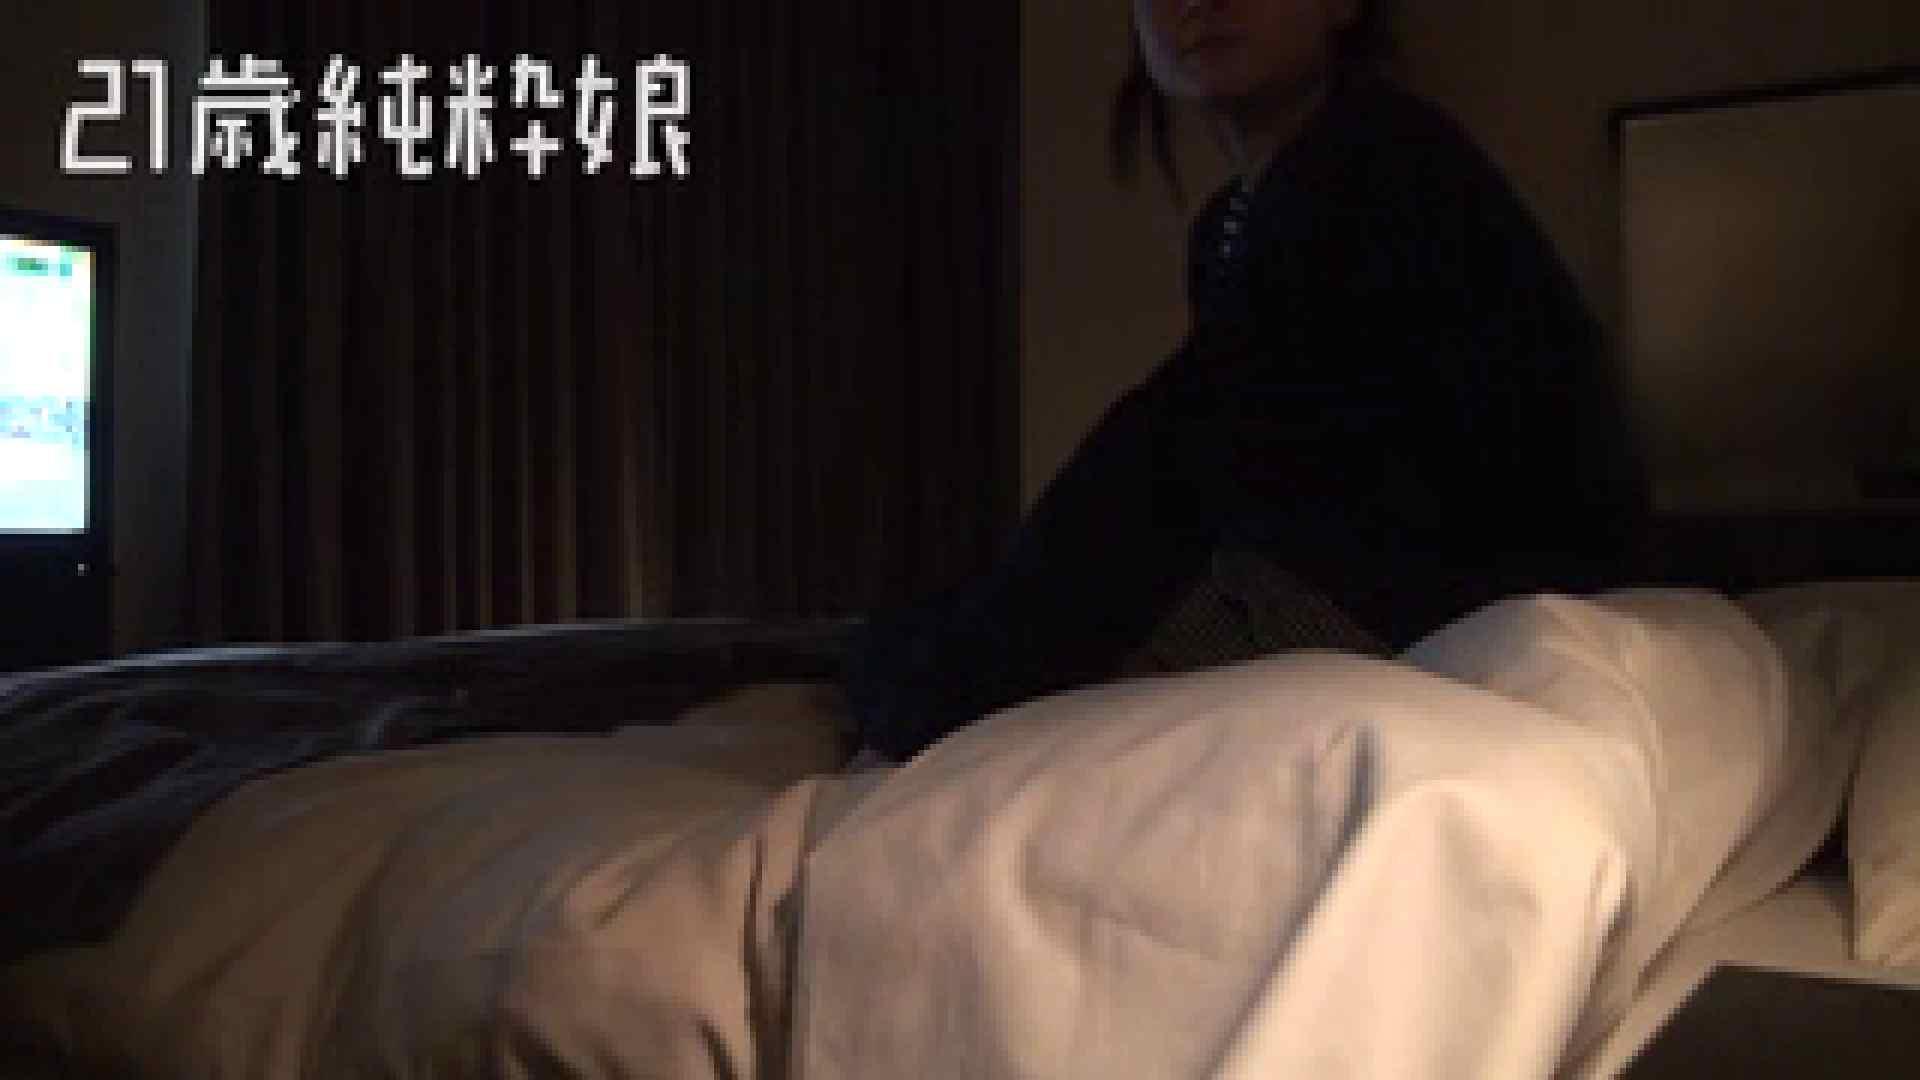 上京したばかりのGカップ21歳純粋嬢を都合の良い女にしてみた4 ホテル 盗み撮り動画キャプチャ 61連発 7